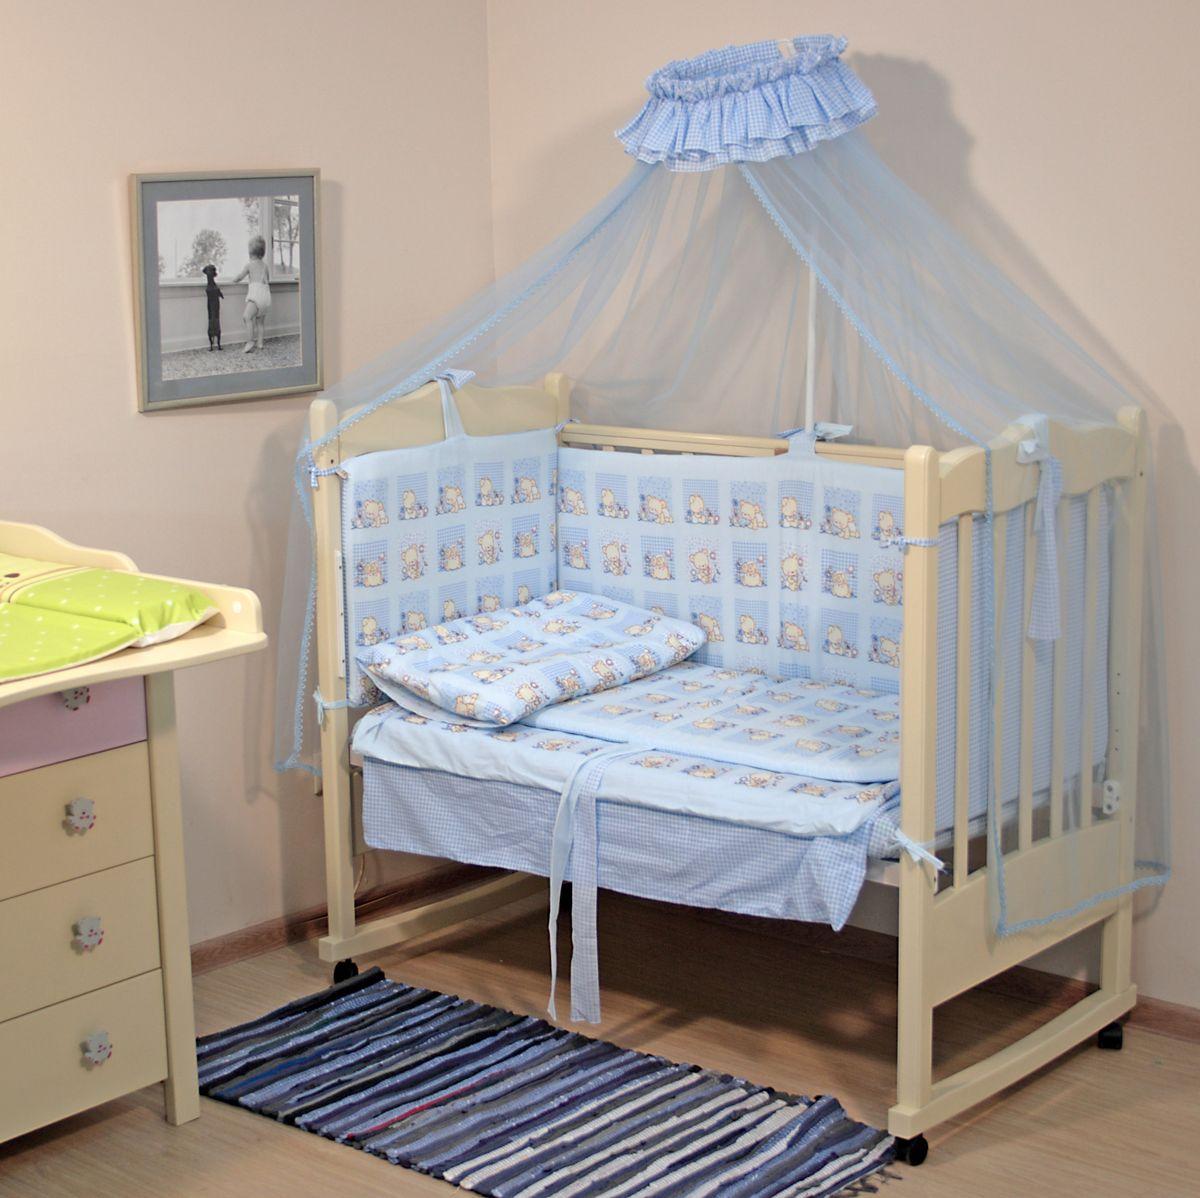 Топотушки Комплект детского постельного белья Мишутка цвет голубой 7 предметов4630008873847Комплект постельного белья из 7 предметов включает все необходимые элементы для детской кроватки. Комплект создает для Вашего ребенка уют, комфорт и безопасную среду с рождения; современный дизайн и цветовые сочетания помогают ребенку адаптироваться в новом для него мире. Комплекты «Топотушки» хорошо вписываются в интерьер как детской комнаты, так и спальни родителей. Как и все изделия «Топотушки» данный комплект отражает самые последние технологии, является безопасным для малыша и экологичным. Российское происхождение комплекта гарантирует стабильно высокое качество, соответствие актуальным пожеланиям потребителей, конкурентоспособную цену. Балдахин 3м (сетка); охранный бампер 360х50см. (из 4-х частей, наполнитель – холлофайбер); подушка 40х60см. (наполнитель – холлофайбер); одеяло 140х110см. (наполнитель – холлофайбер); наволочка 40х60см; пододеяльник 147х112см; простынь на резинке 120х60см